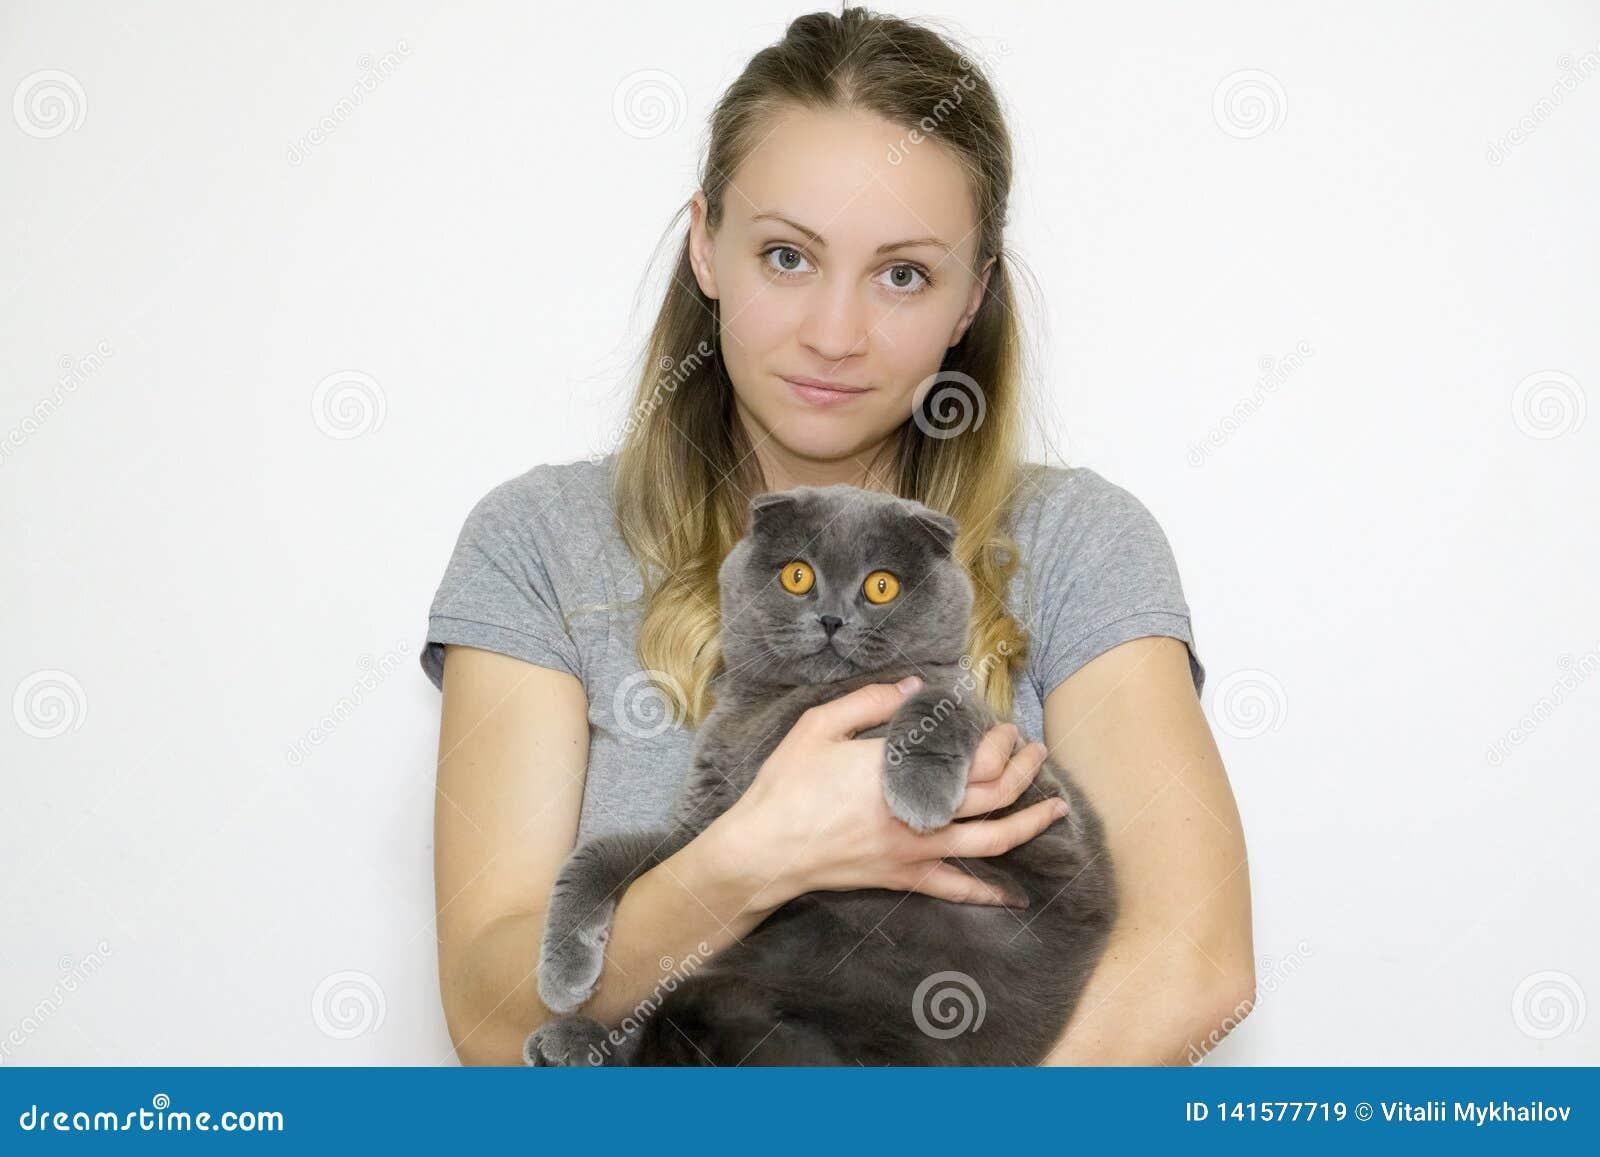 Het modelfoto genomen close-up aan de taille, model houdt een kat in haar wapens